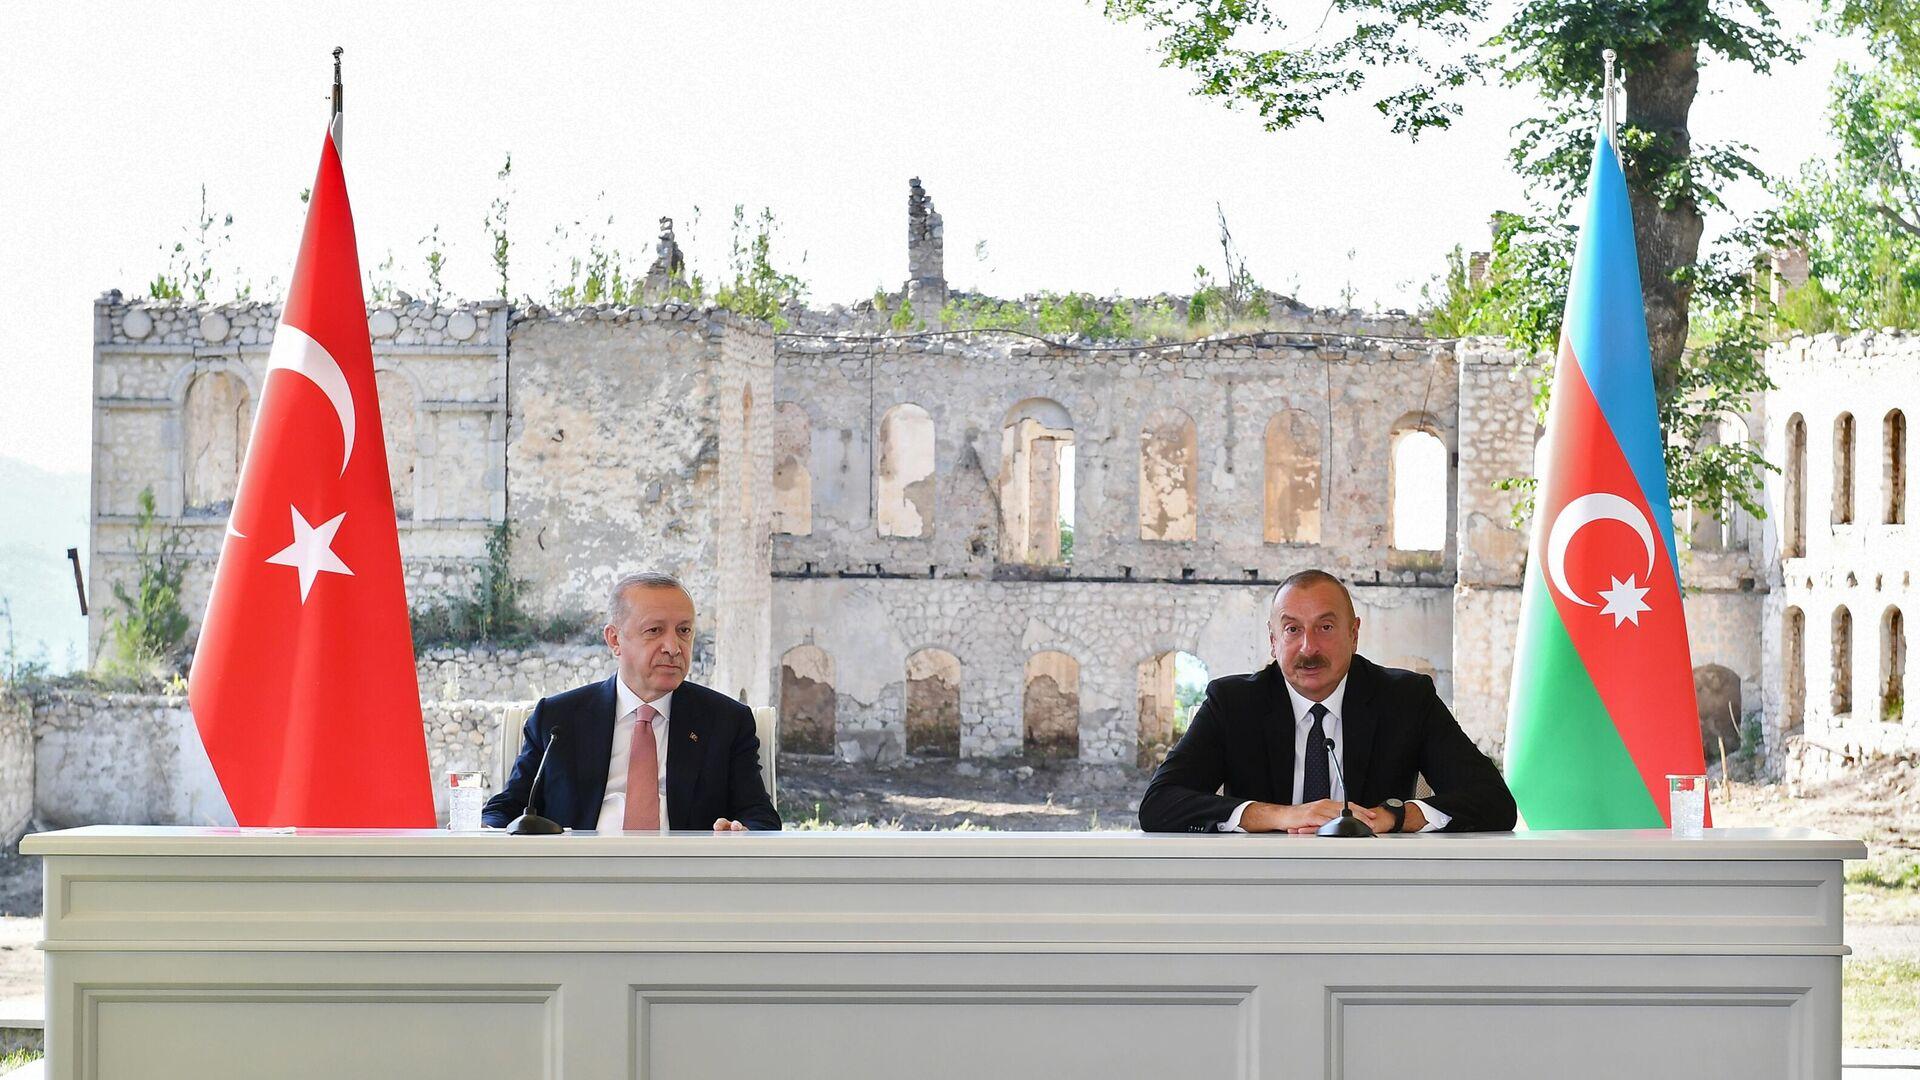 Президент Турции Реджеп Тайип Эрдоган и президент Азербайджана Ильхам Алиев на церемонии подписания декларации о союзнических соглашениях во время встречи в Баку - РИА Новости, 1920, 15.06.2021